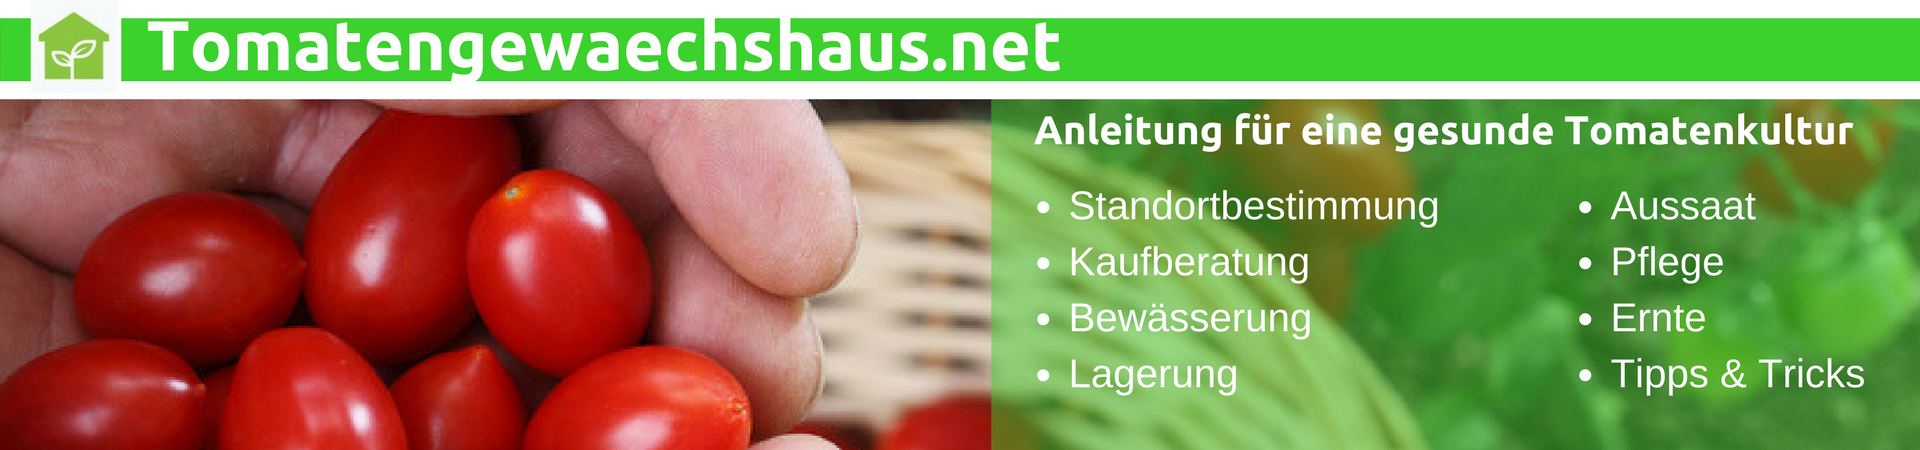 ▷ Tomatengewächshäuser: Diese Tomatenhäuser empfehlen wir Ihnen